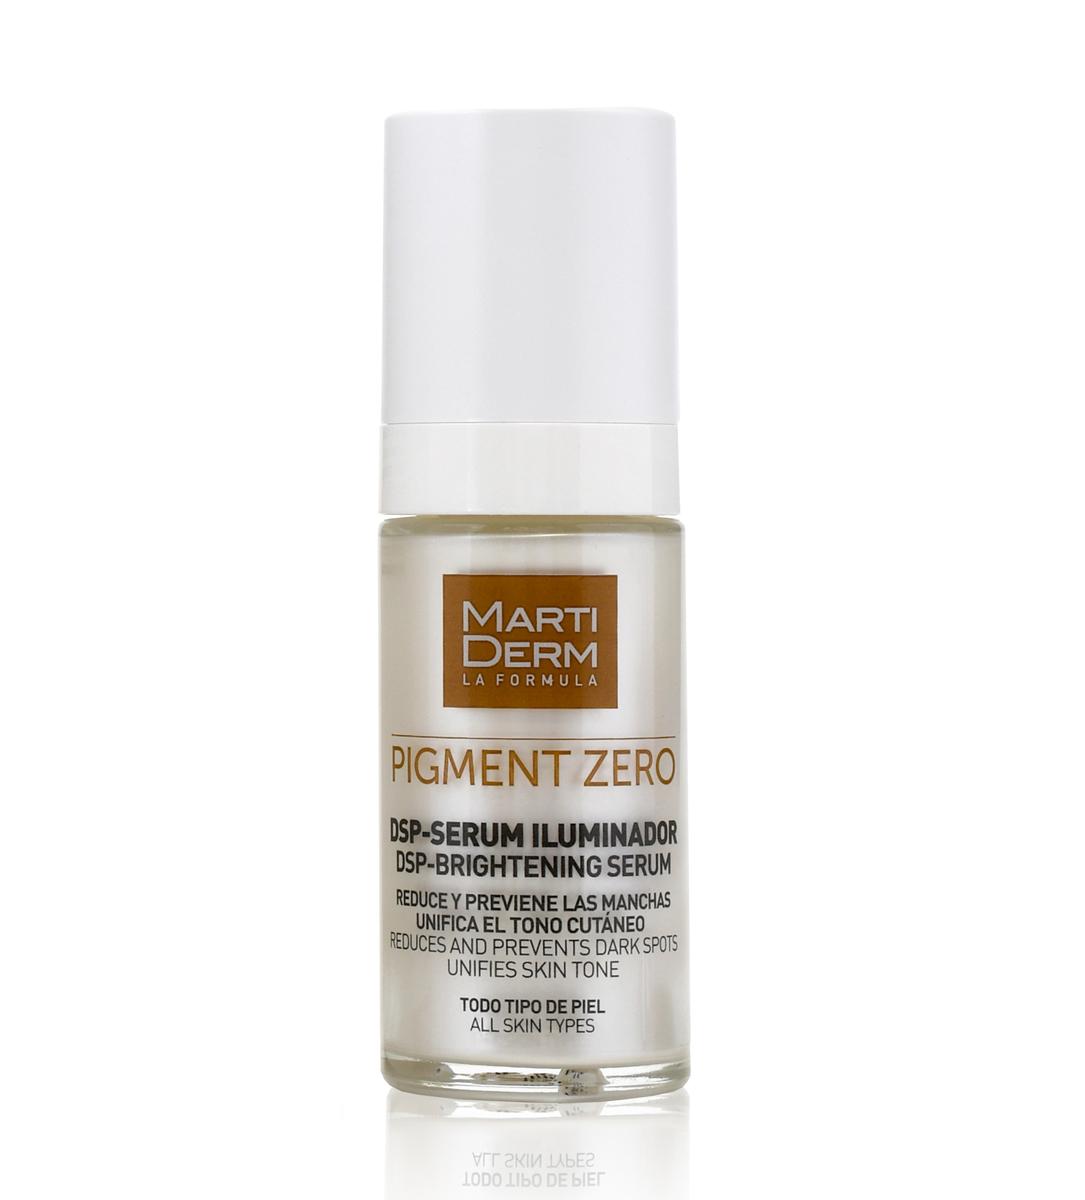 DSP Serum Iluminador Pigment Zero de Martiderm